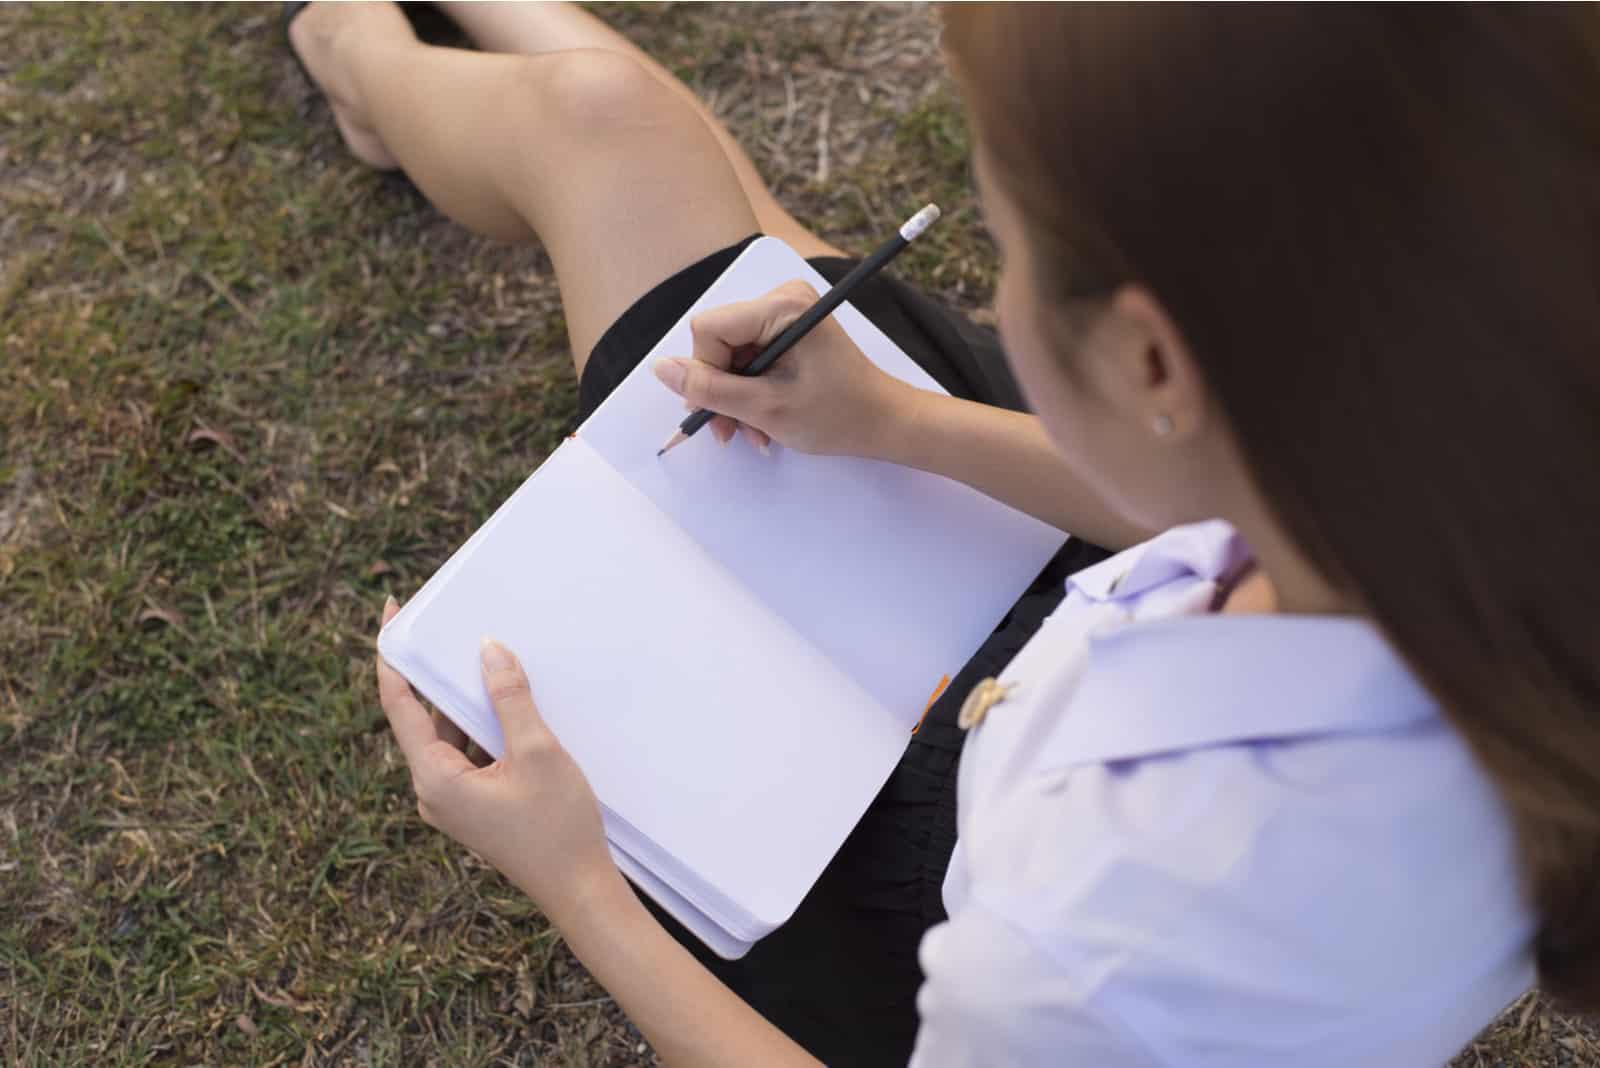 une femme est assise sur l'herbe et écrit